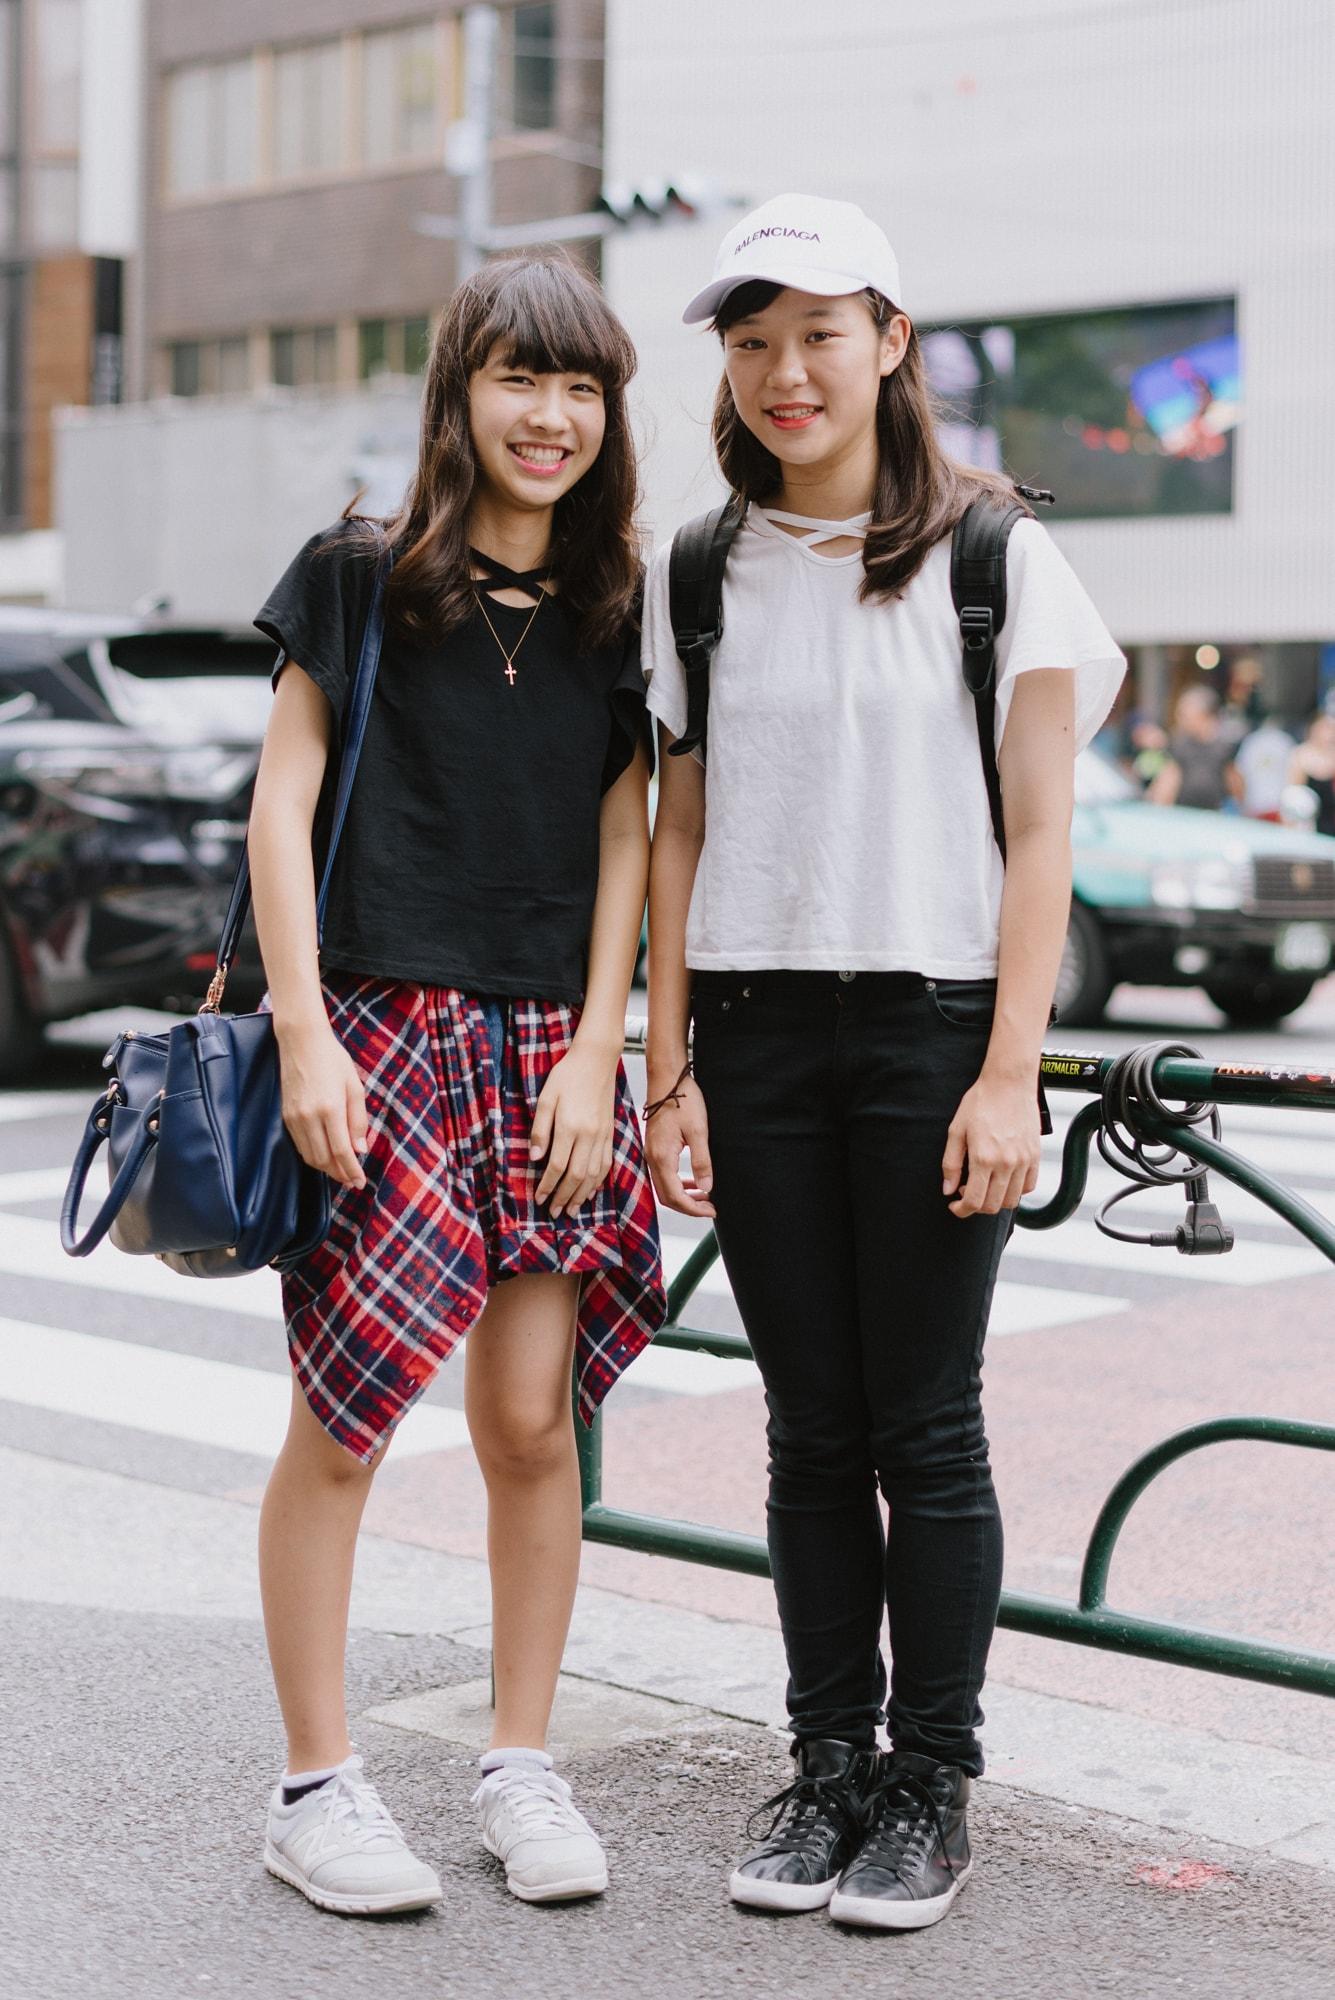 中学・高校生男子\u0026女子の最新トレンドファッションをチェック